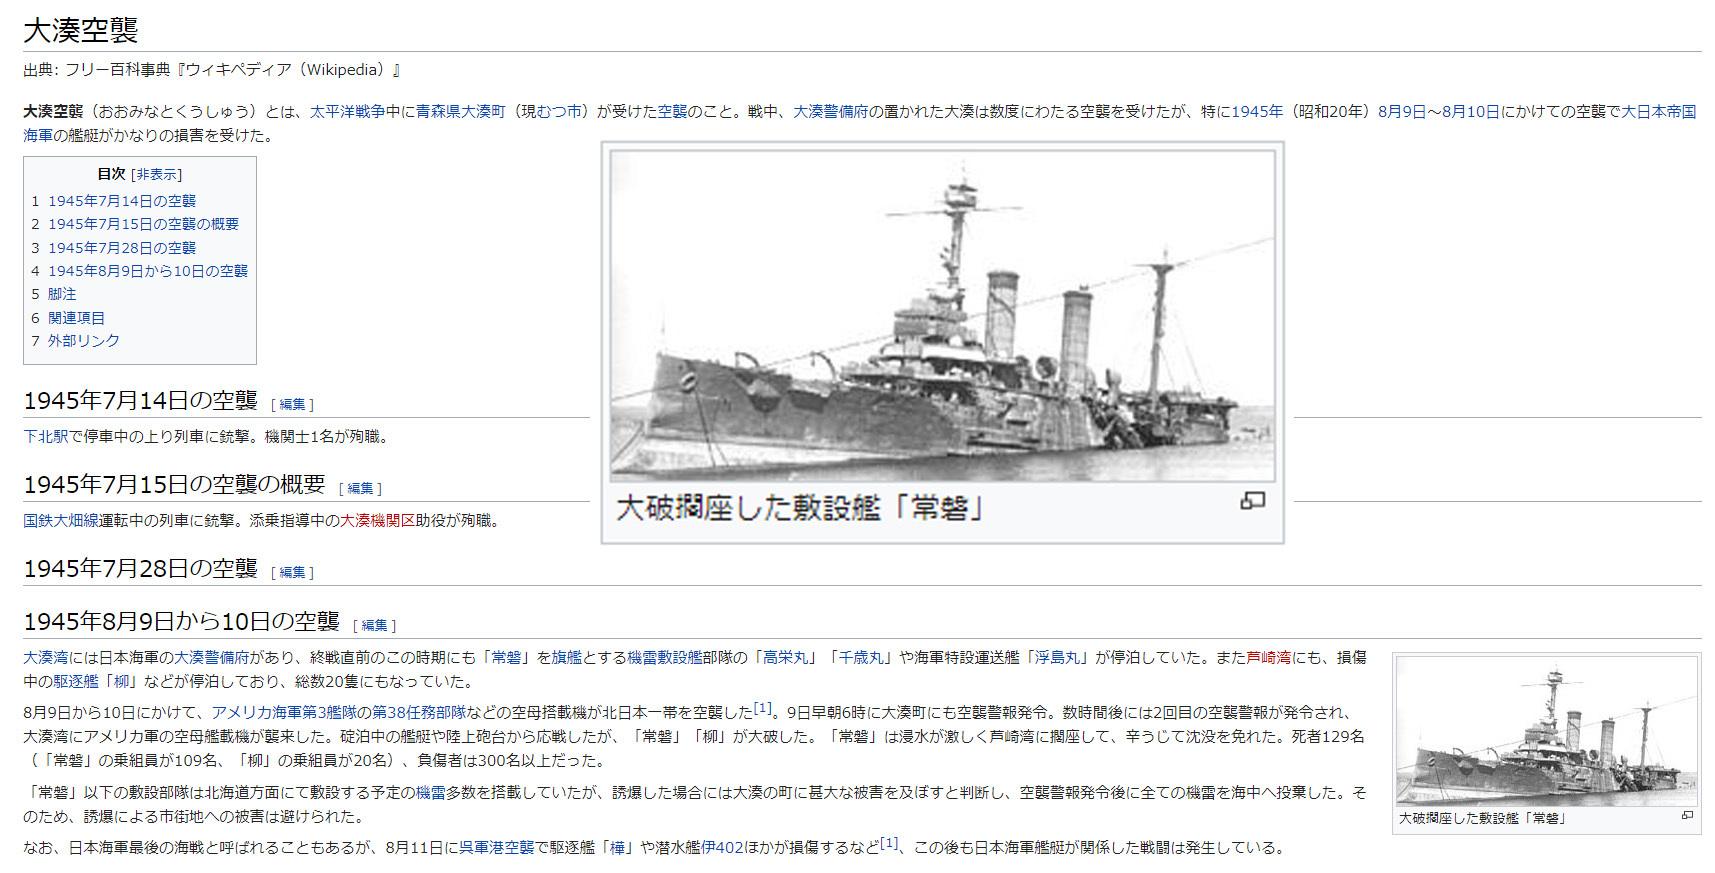 北日本国防の要の陸奥湾を洋上風力で封殺するマスコミらの誘導を河野防衛大臣は注視せよ_e0039759_18081480.jpg